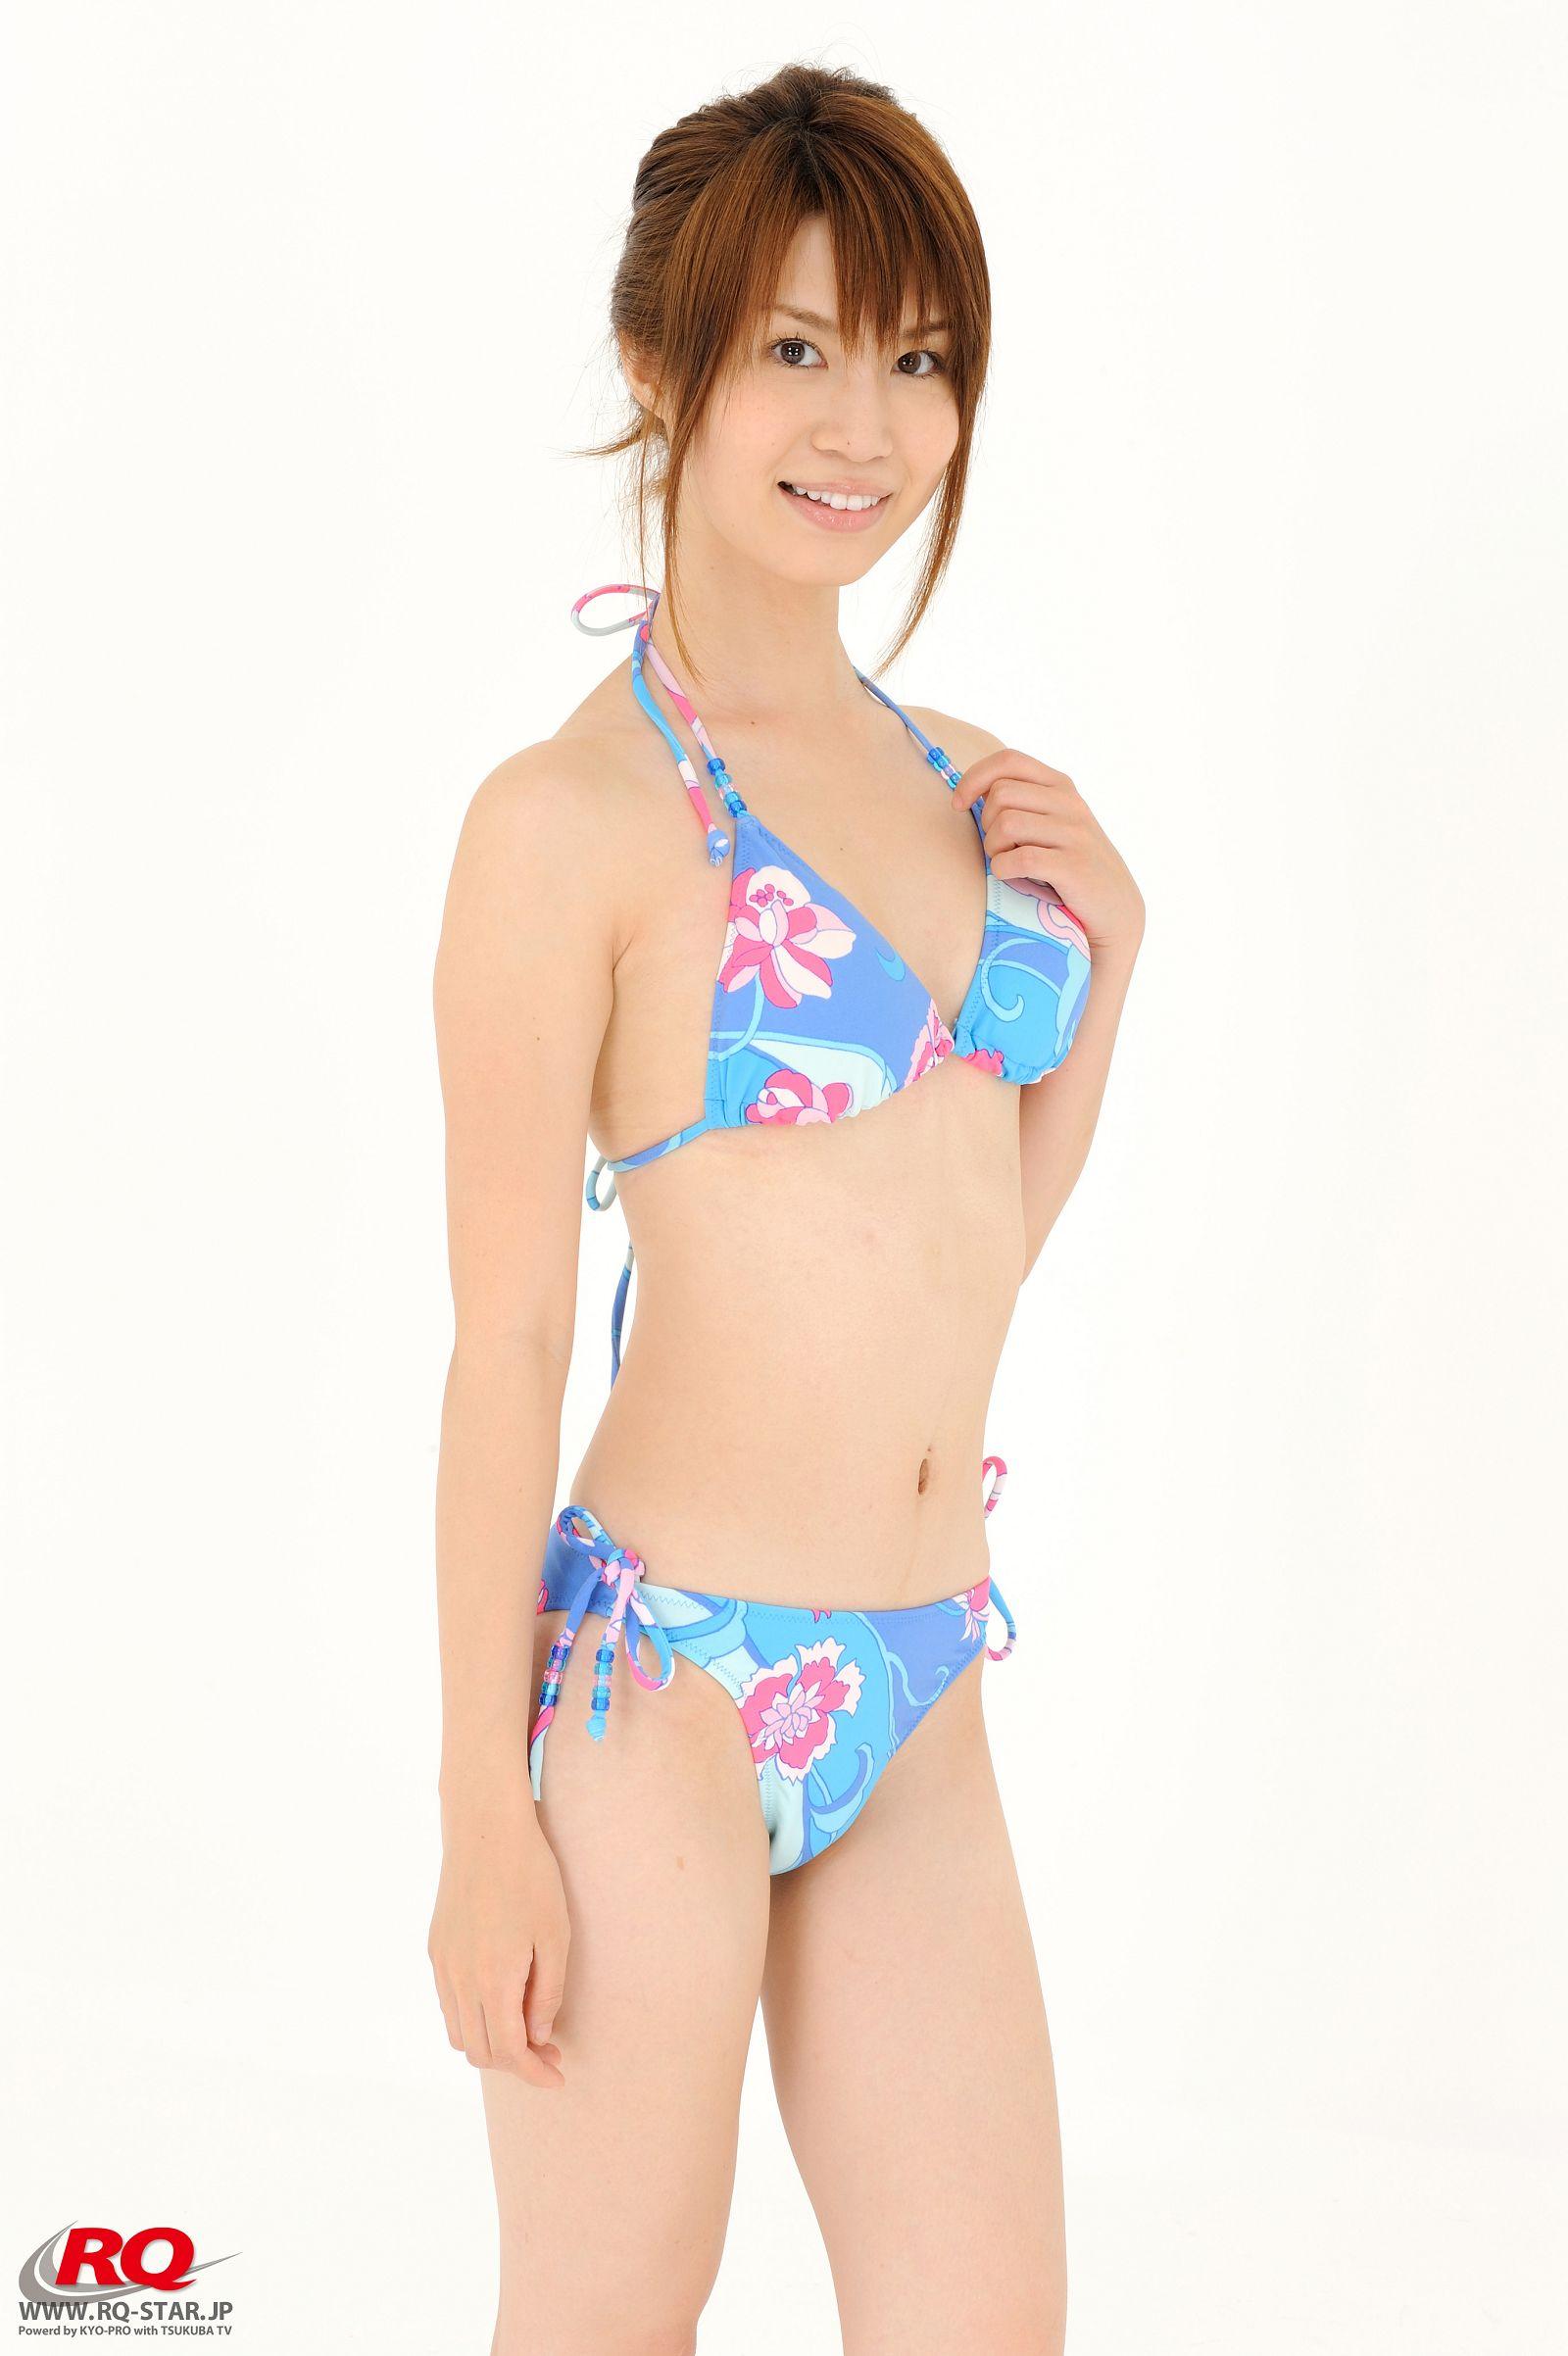 [RQ STAR美女] NO.0042 Aki Kogure 苤贍丐五 Swim Suits Blue[56P] RQ STAR 第2张